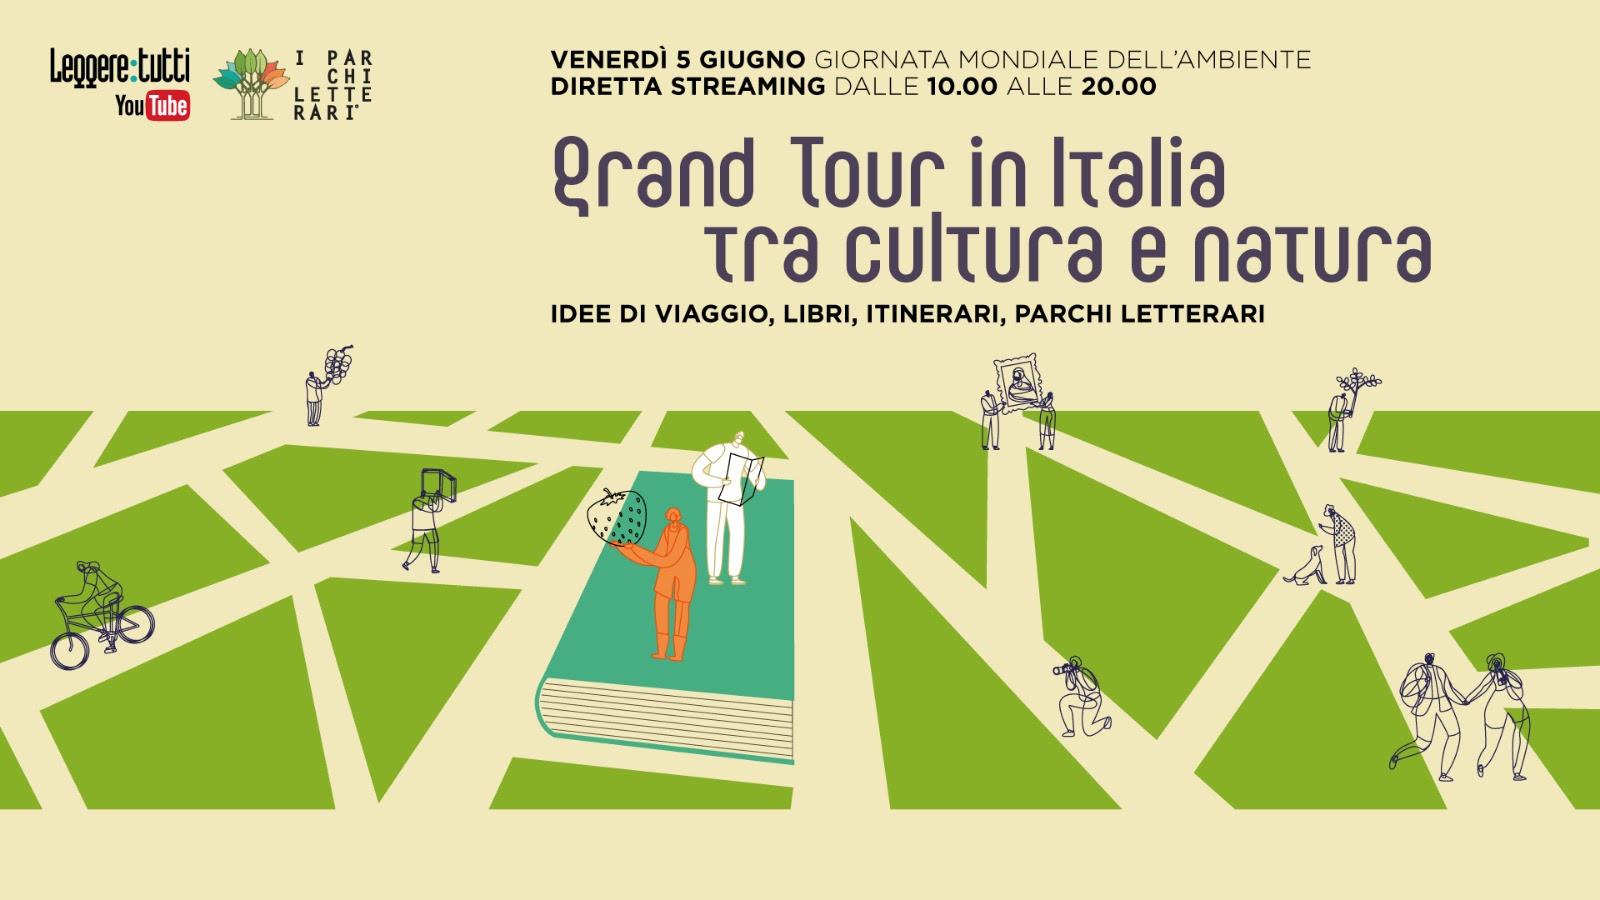 Grand Tour in Italia tra cultura e natura. Idee di viaggio, libri, itinerari, parchi letterari